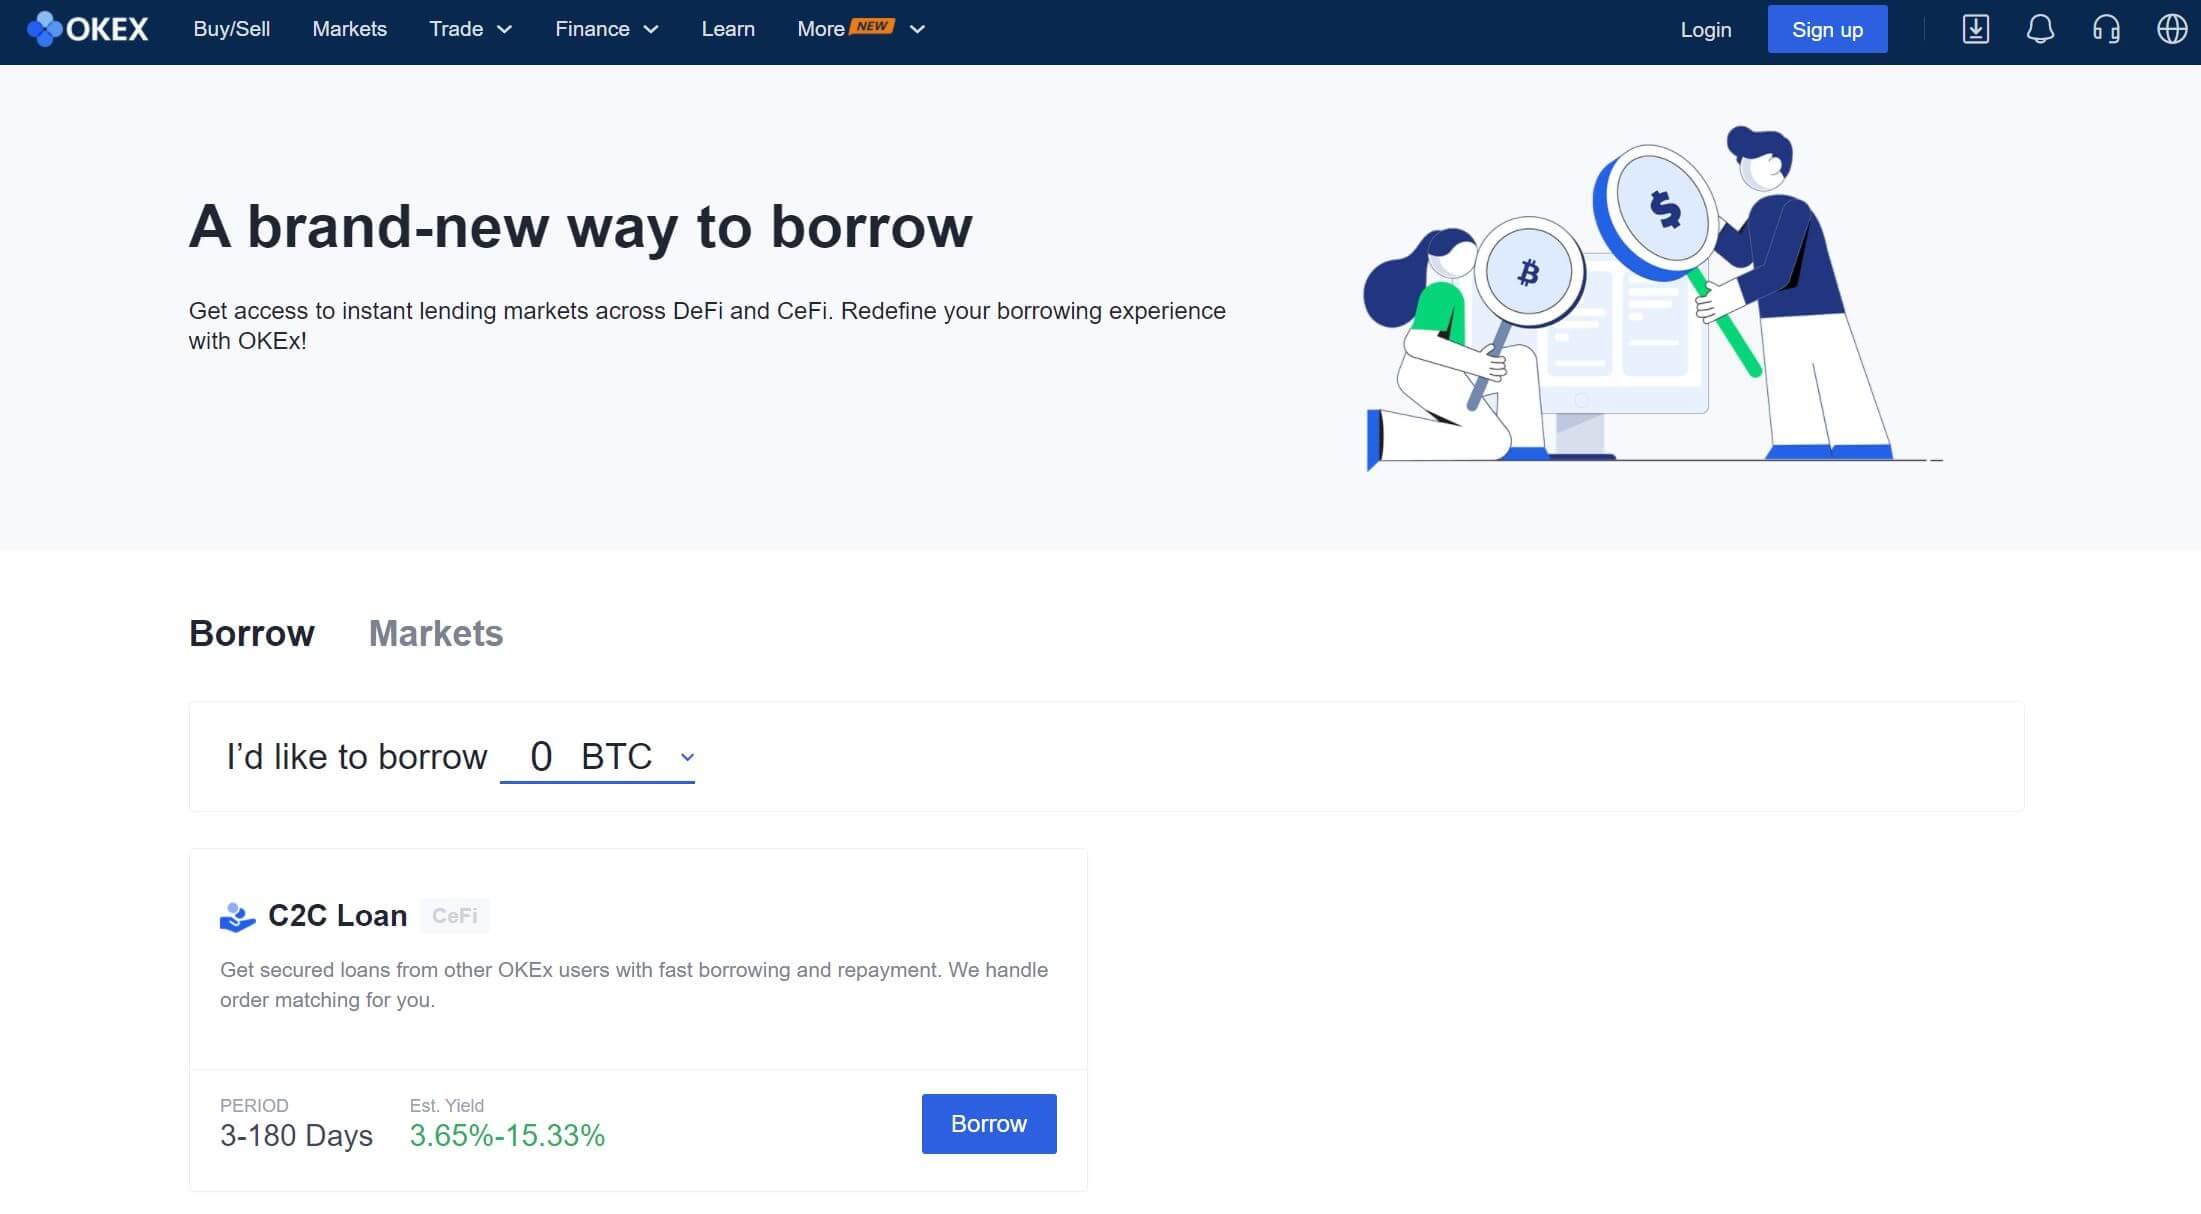 OKEX-Loan